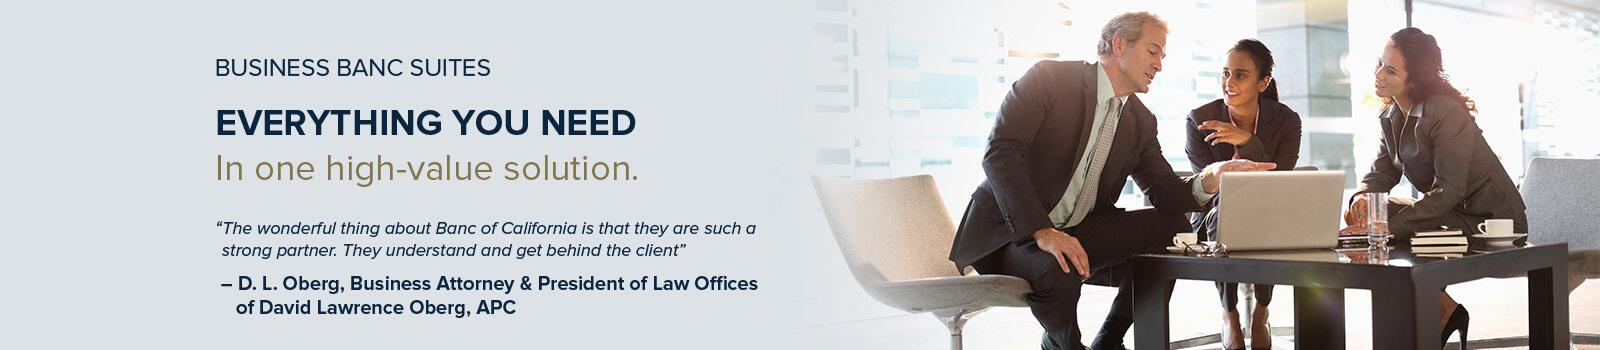 Business-Banc-Suites